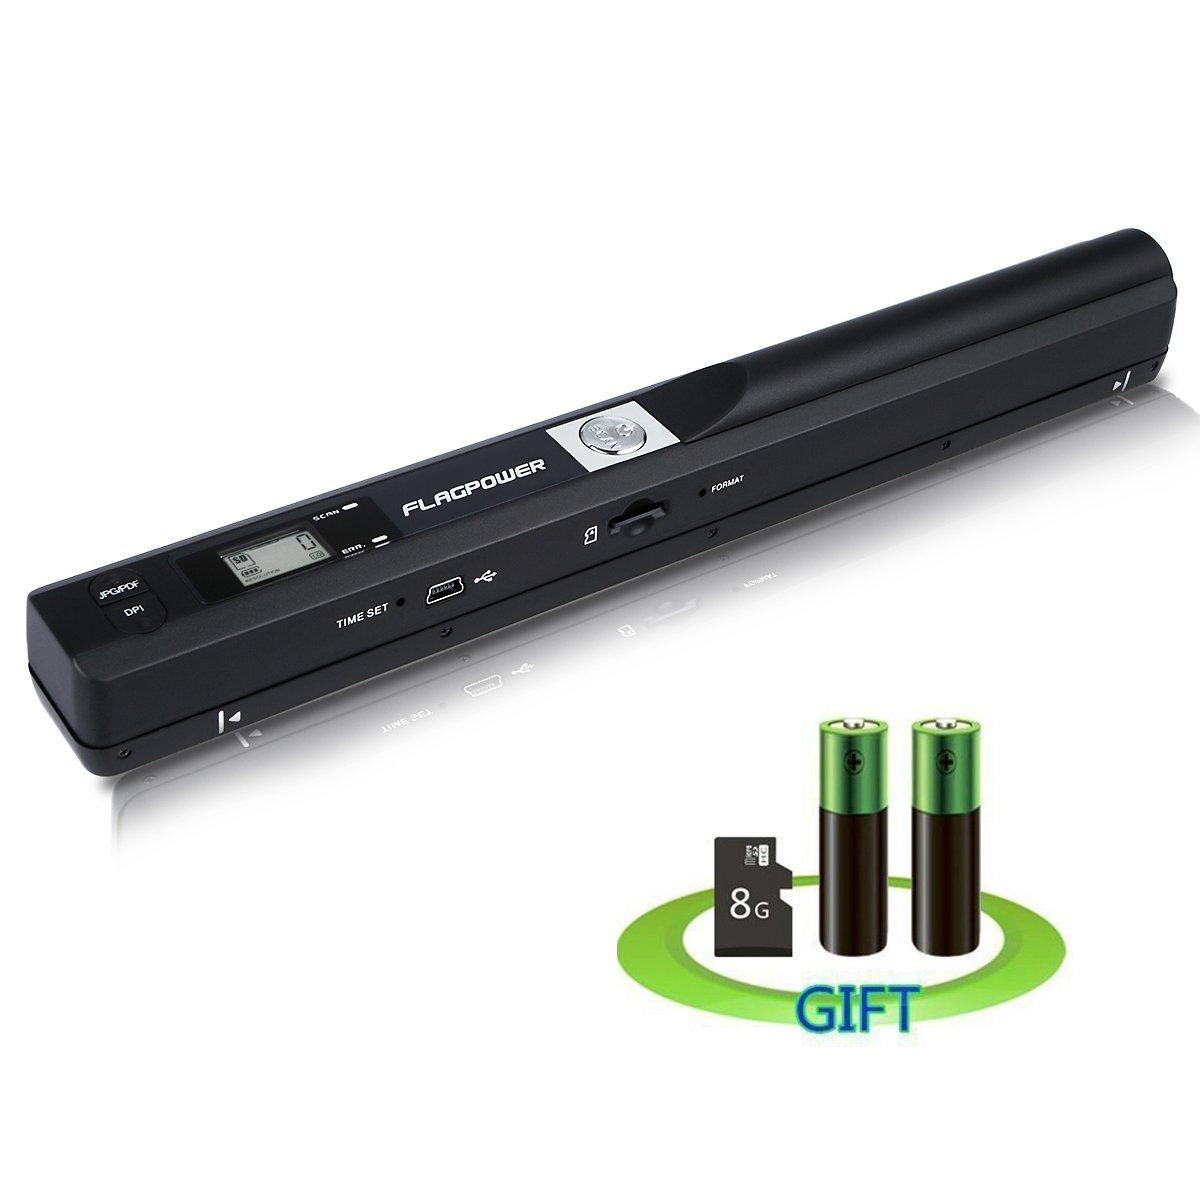 FLAGPOWER 900DPI Portatile Wireless Scanner per Documenti A4 Foto Scontrini Libri JPEG/PDF su MicroSD (inclusa 8G Micro SD scheda e due AA batterie) PS-100